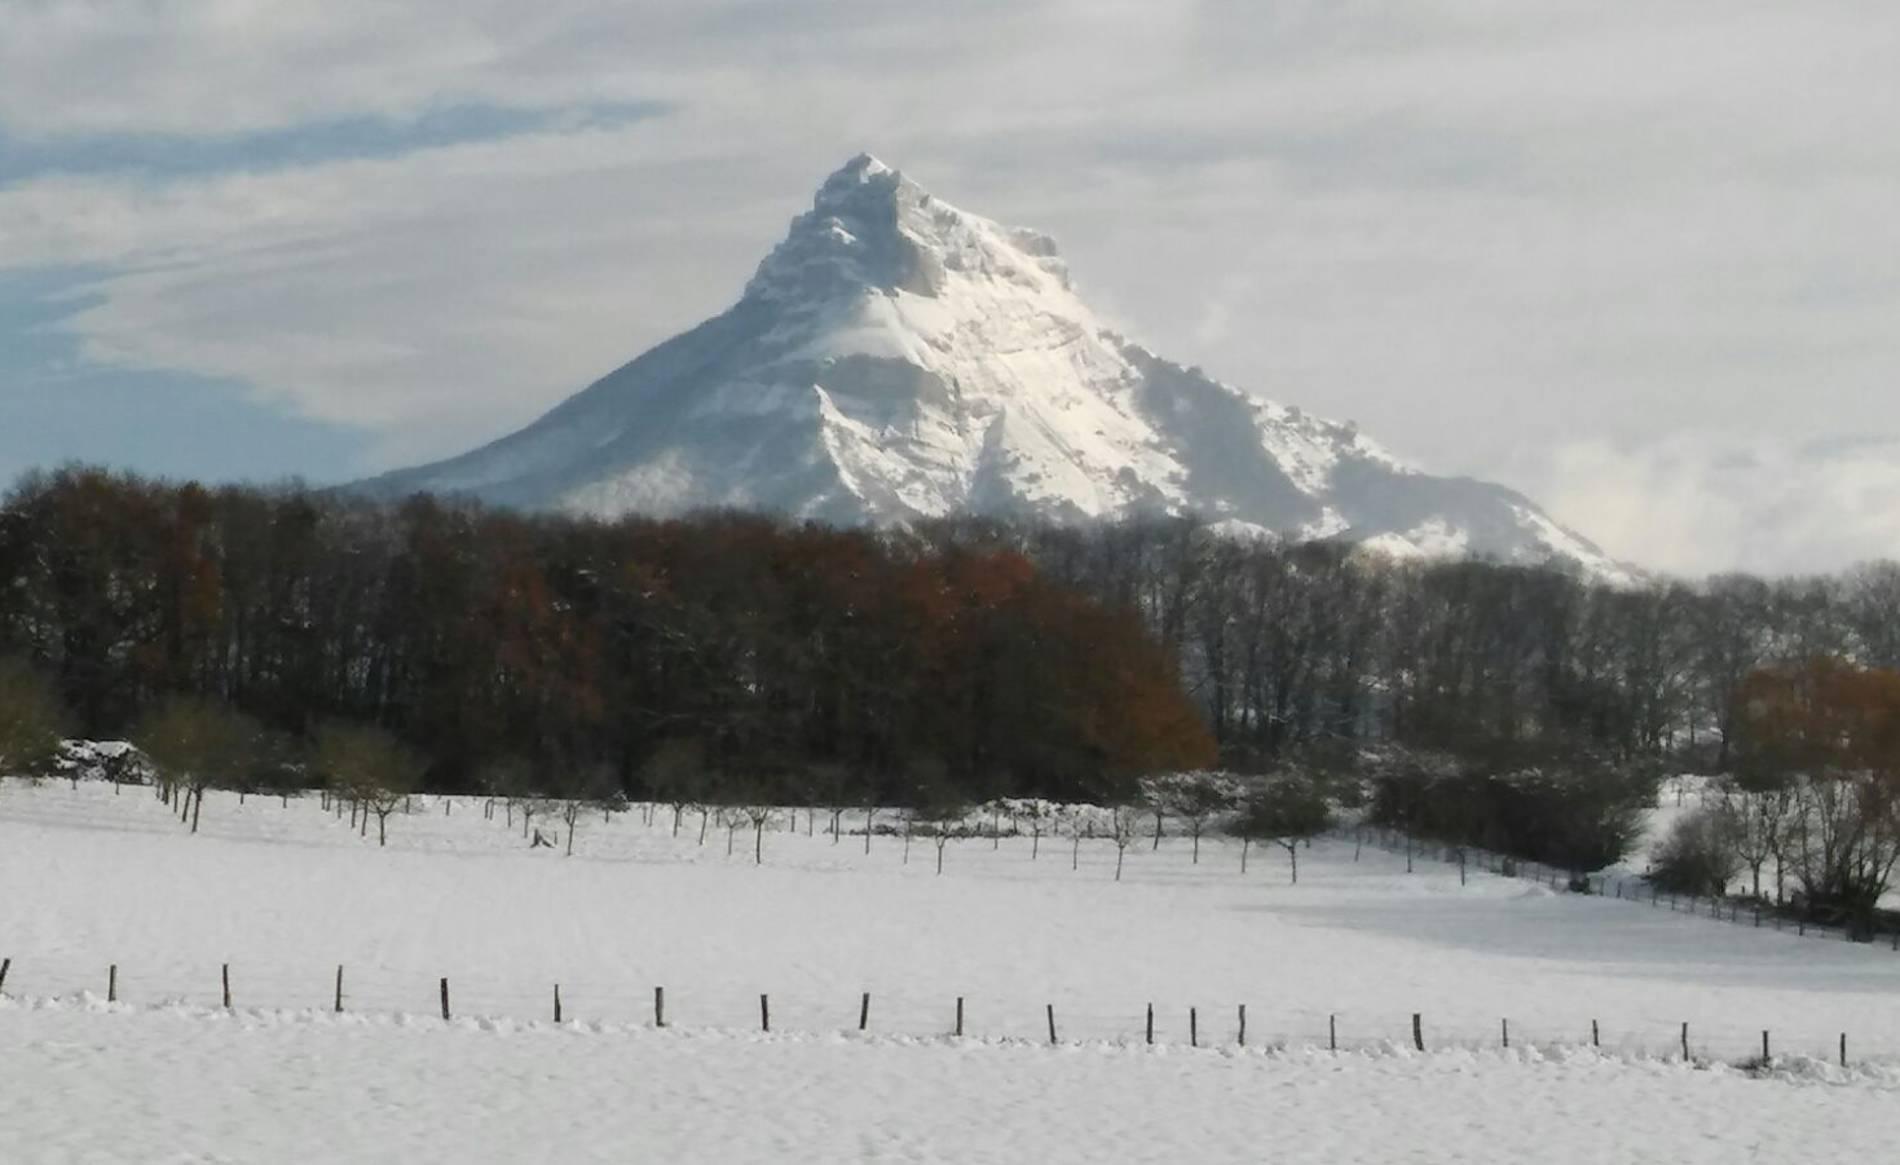 Fotos de la nieve enviadas por los lectores (1/106) - Fotos de la nieve enviadas por los lectores - Navarra -